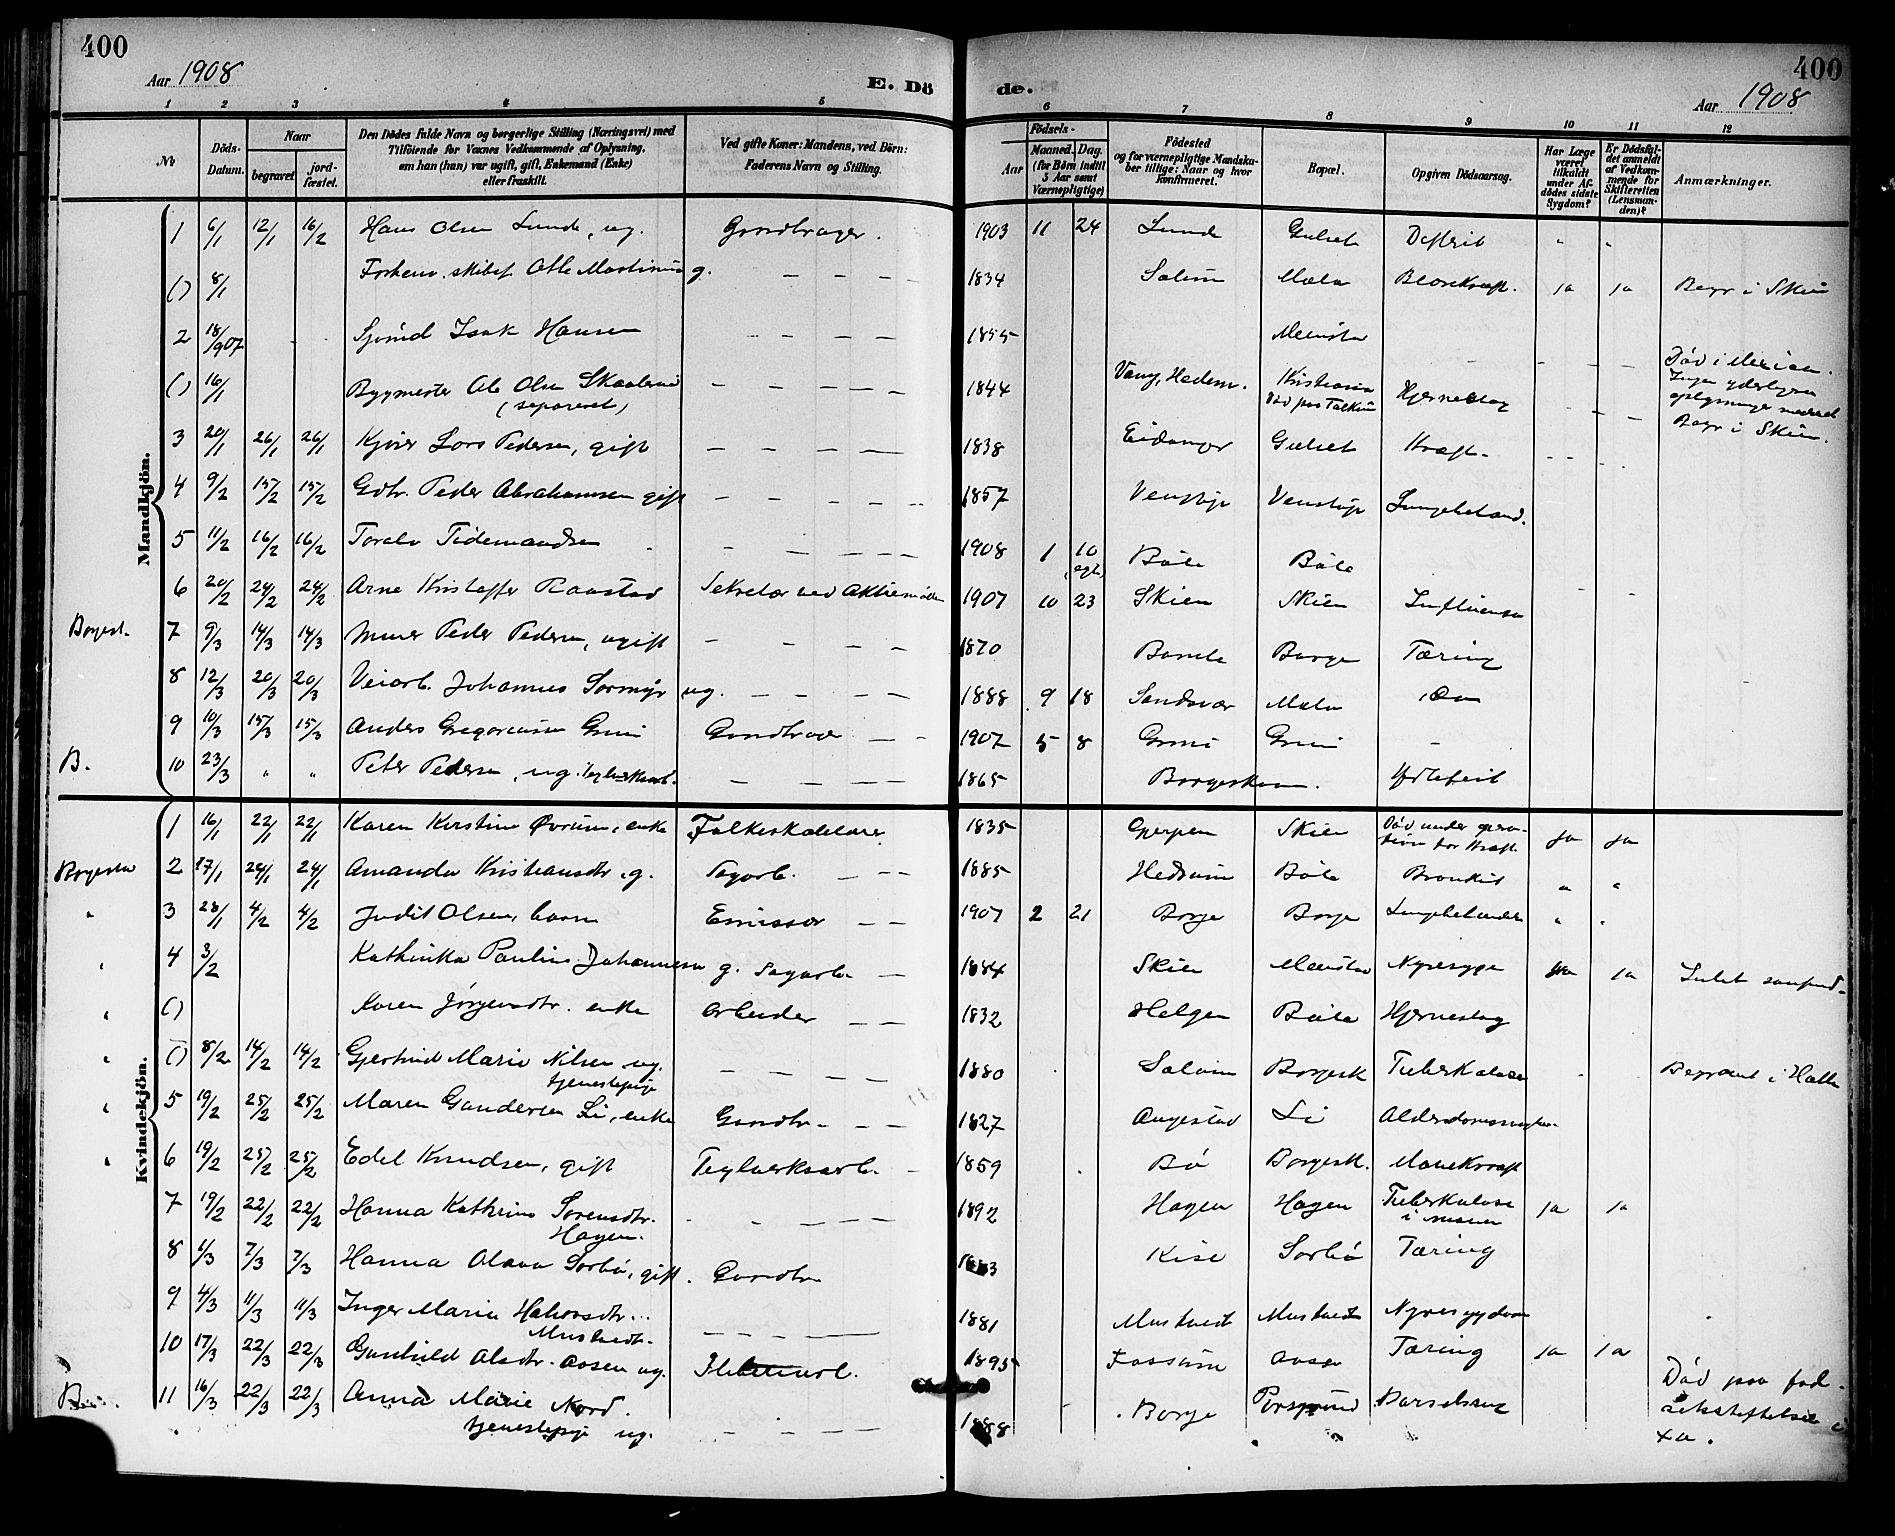 SAKO, Gjerpen kirkebøker, G/Ga/L0003: Klokkerbok nr. I 3, 1901-1919, s. 400